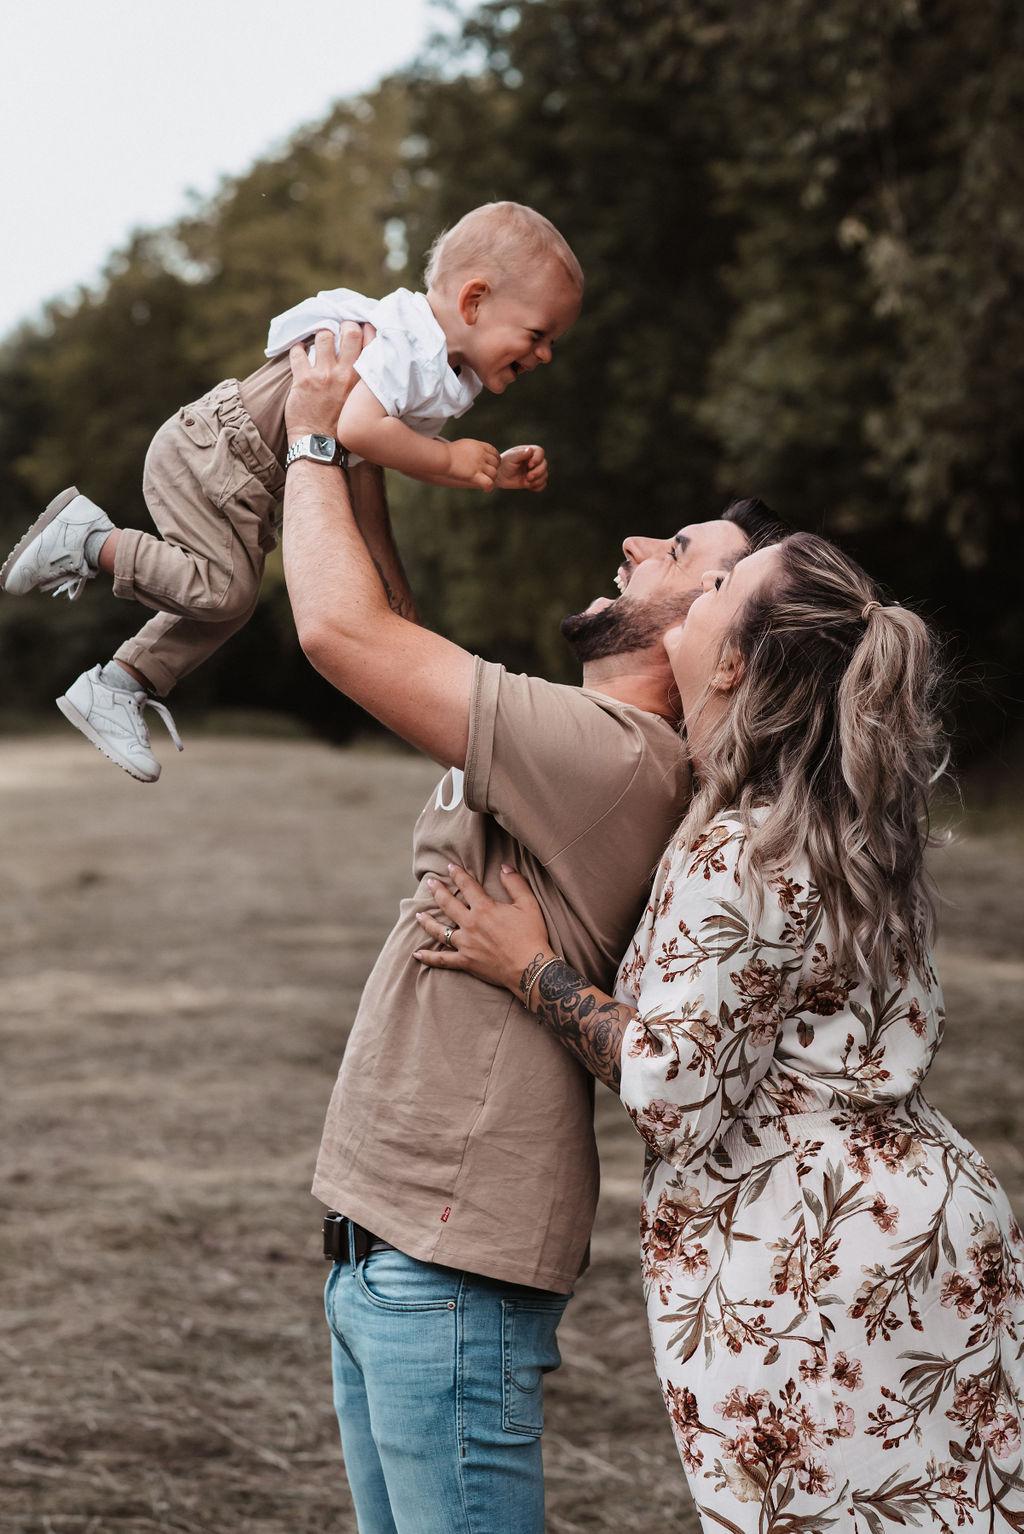 Eltern mit ihrem Sohn - Shooting in der Natur